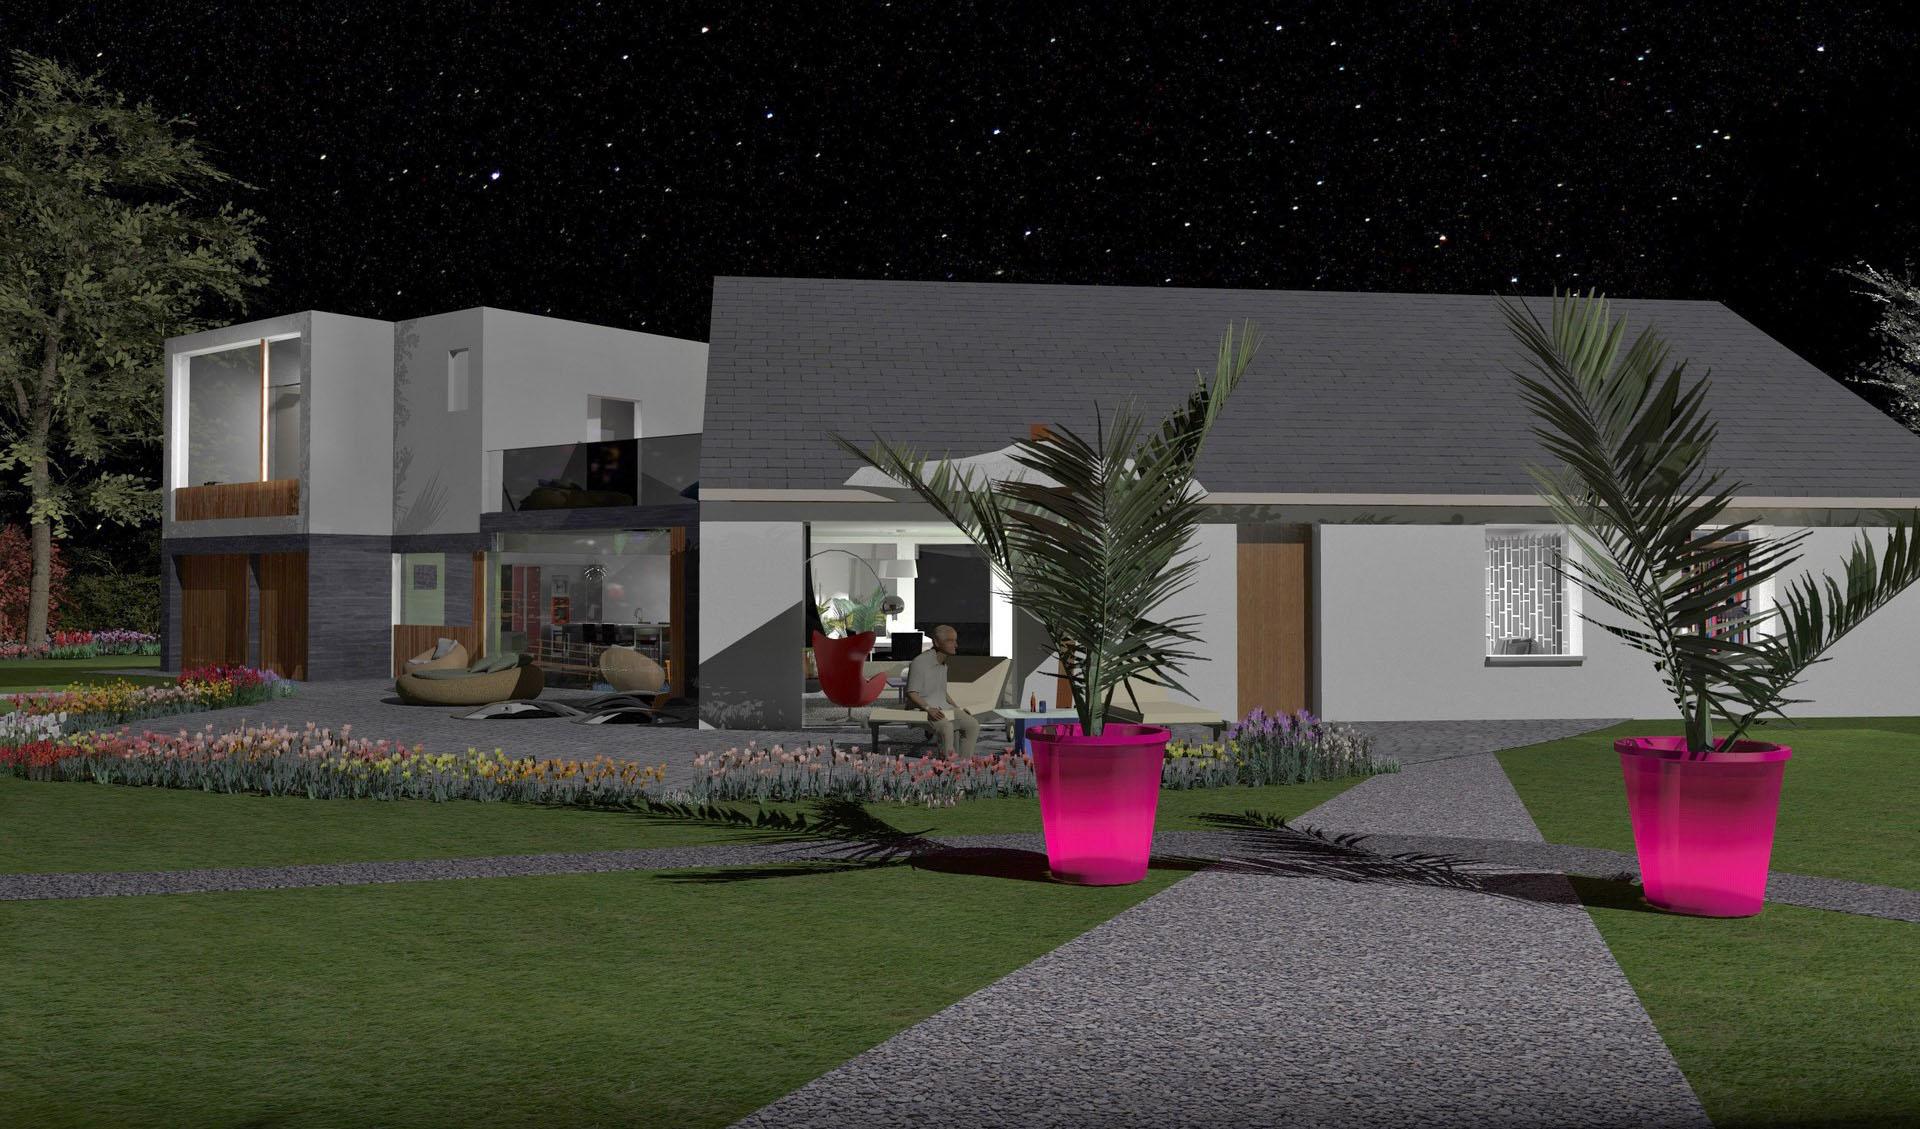 extension contemporain maison existant nuit agence avous